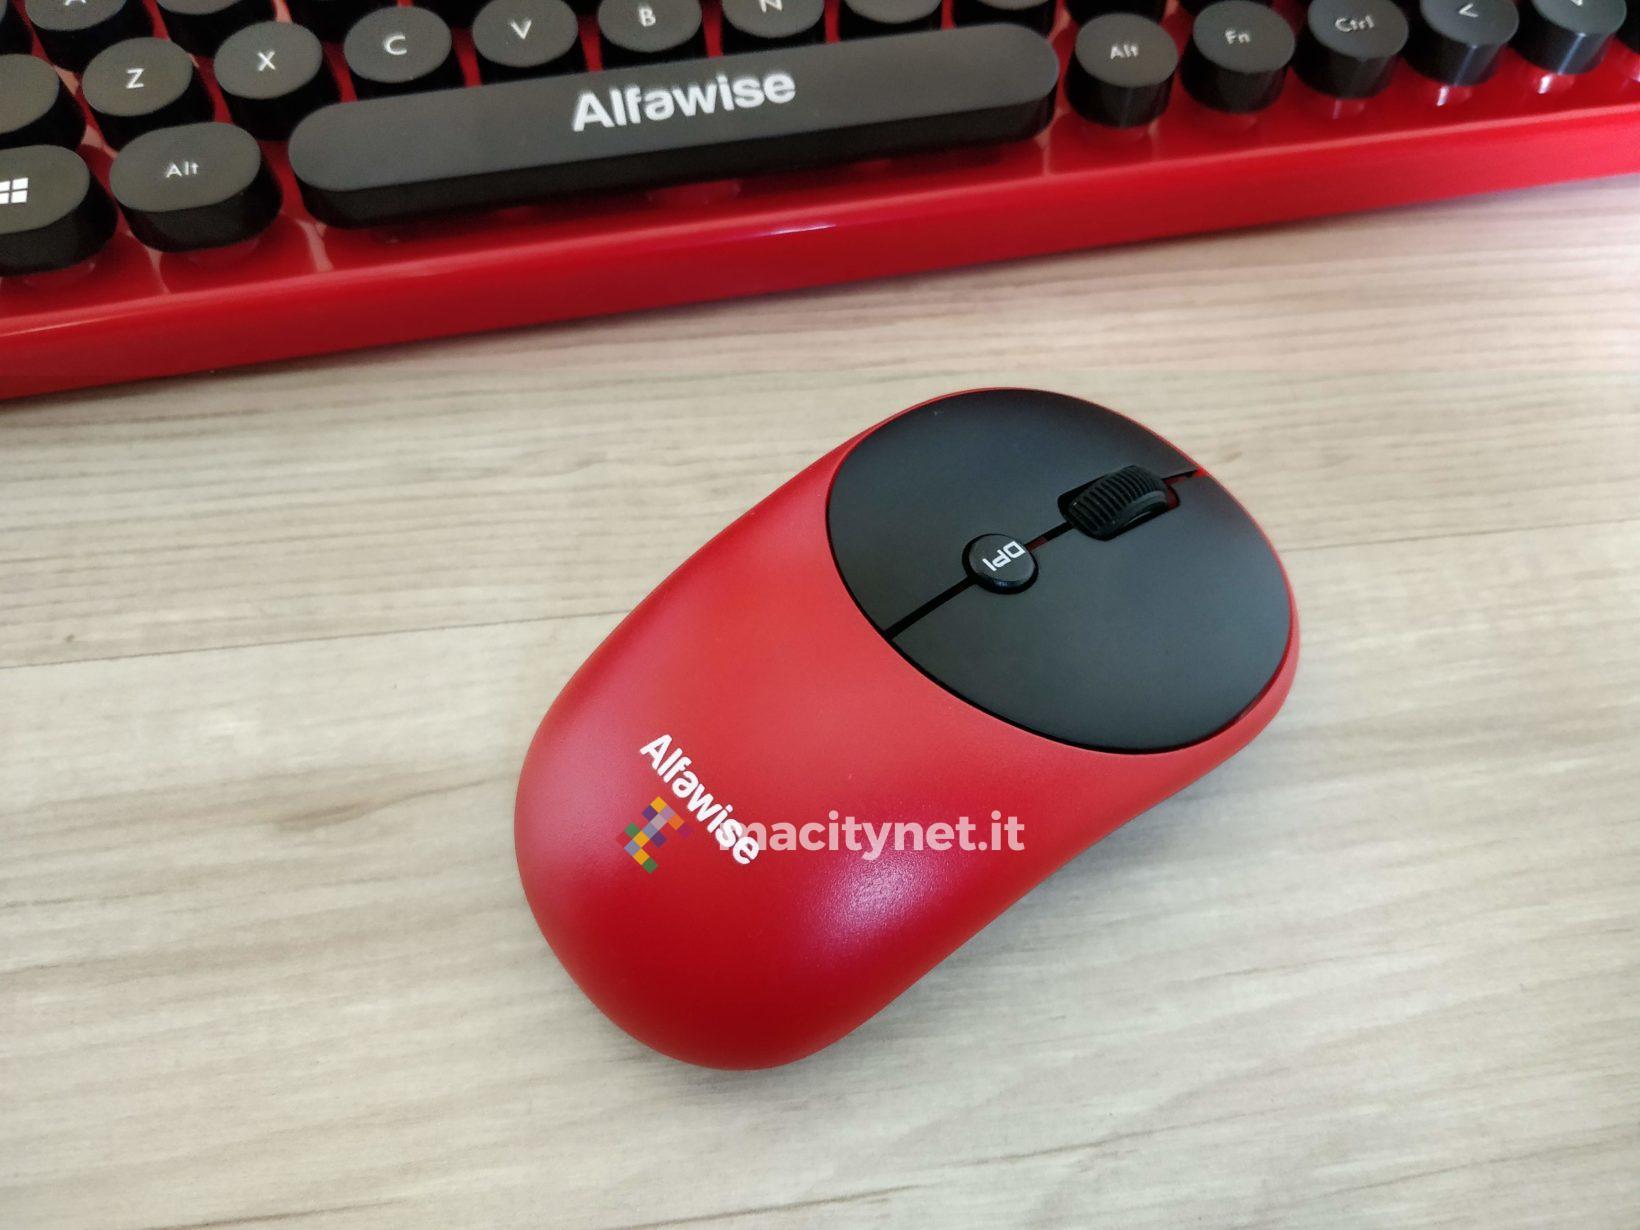 Recensione Alfawise K800, la tastiera vintage che sembra una macchina da scrivere